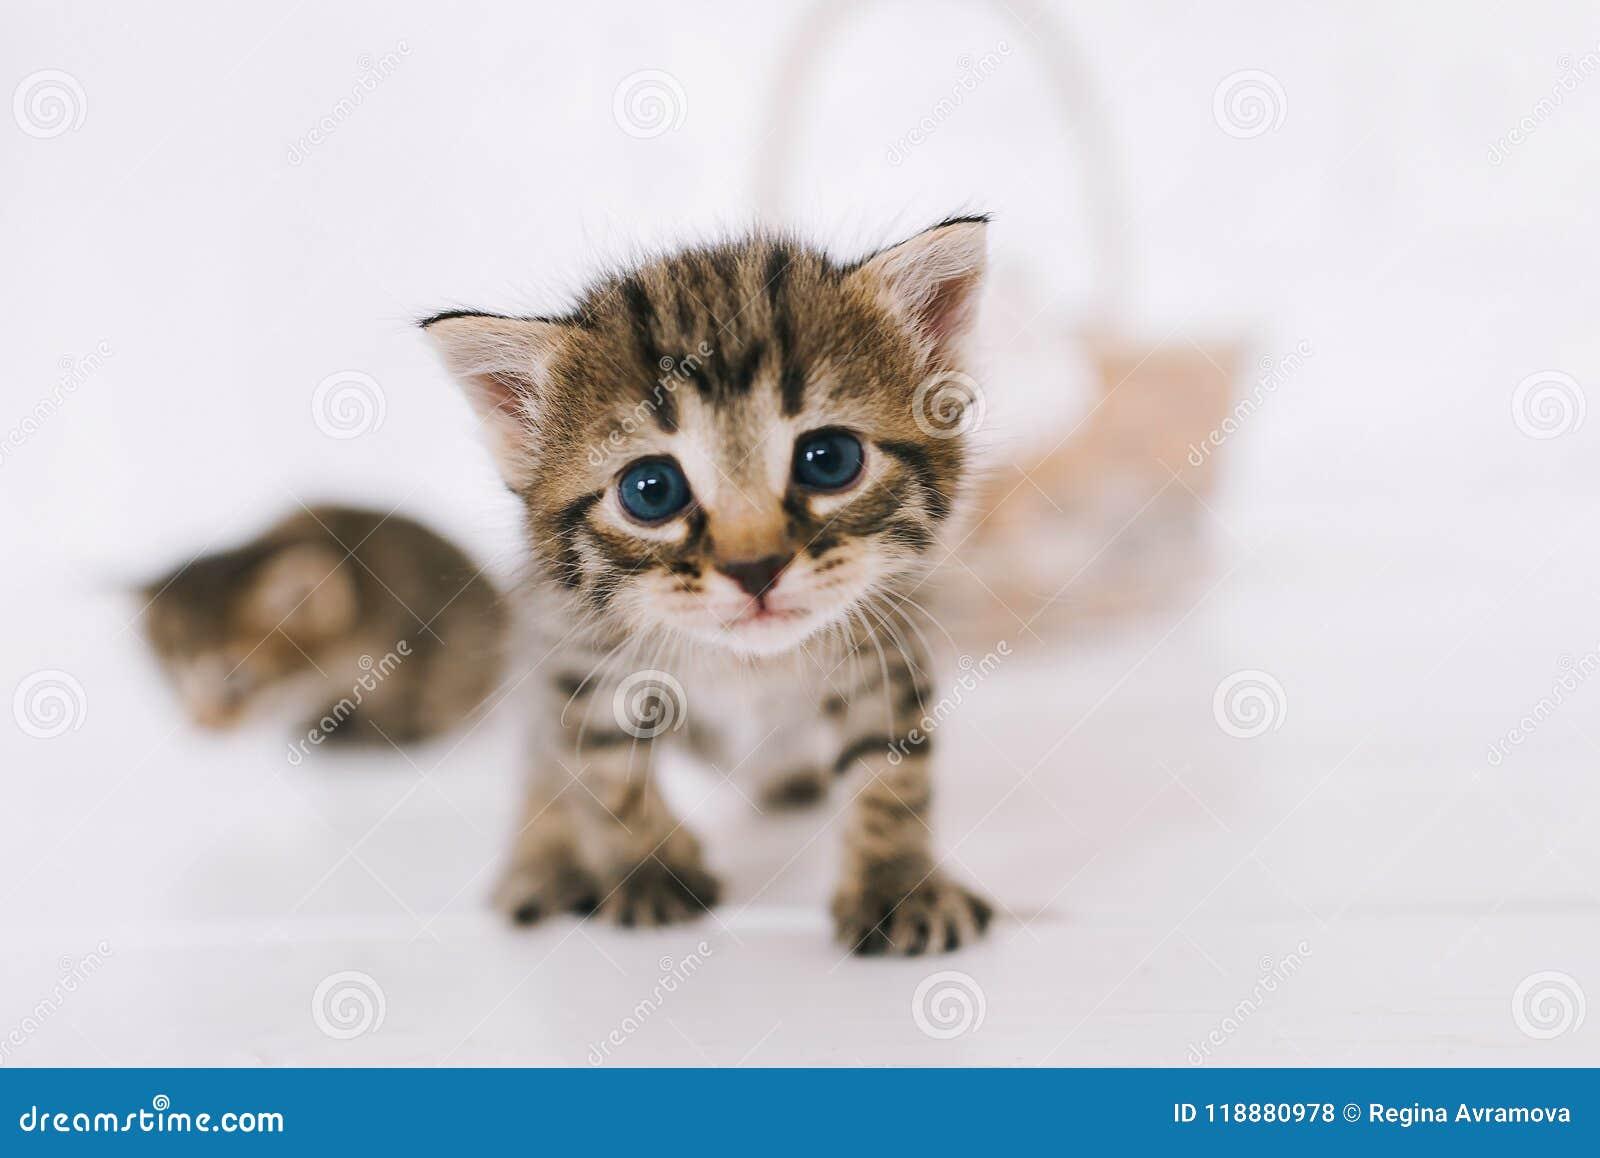 Little cute striped kittens